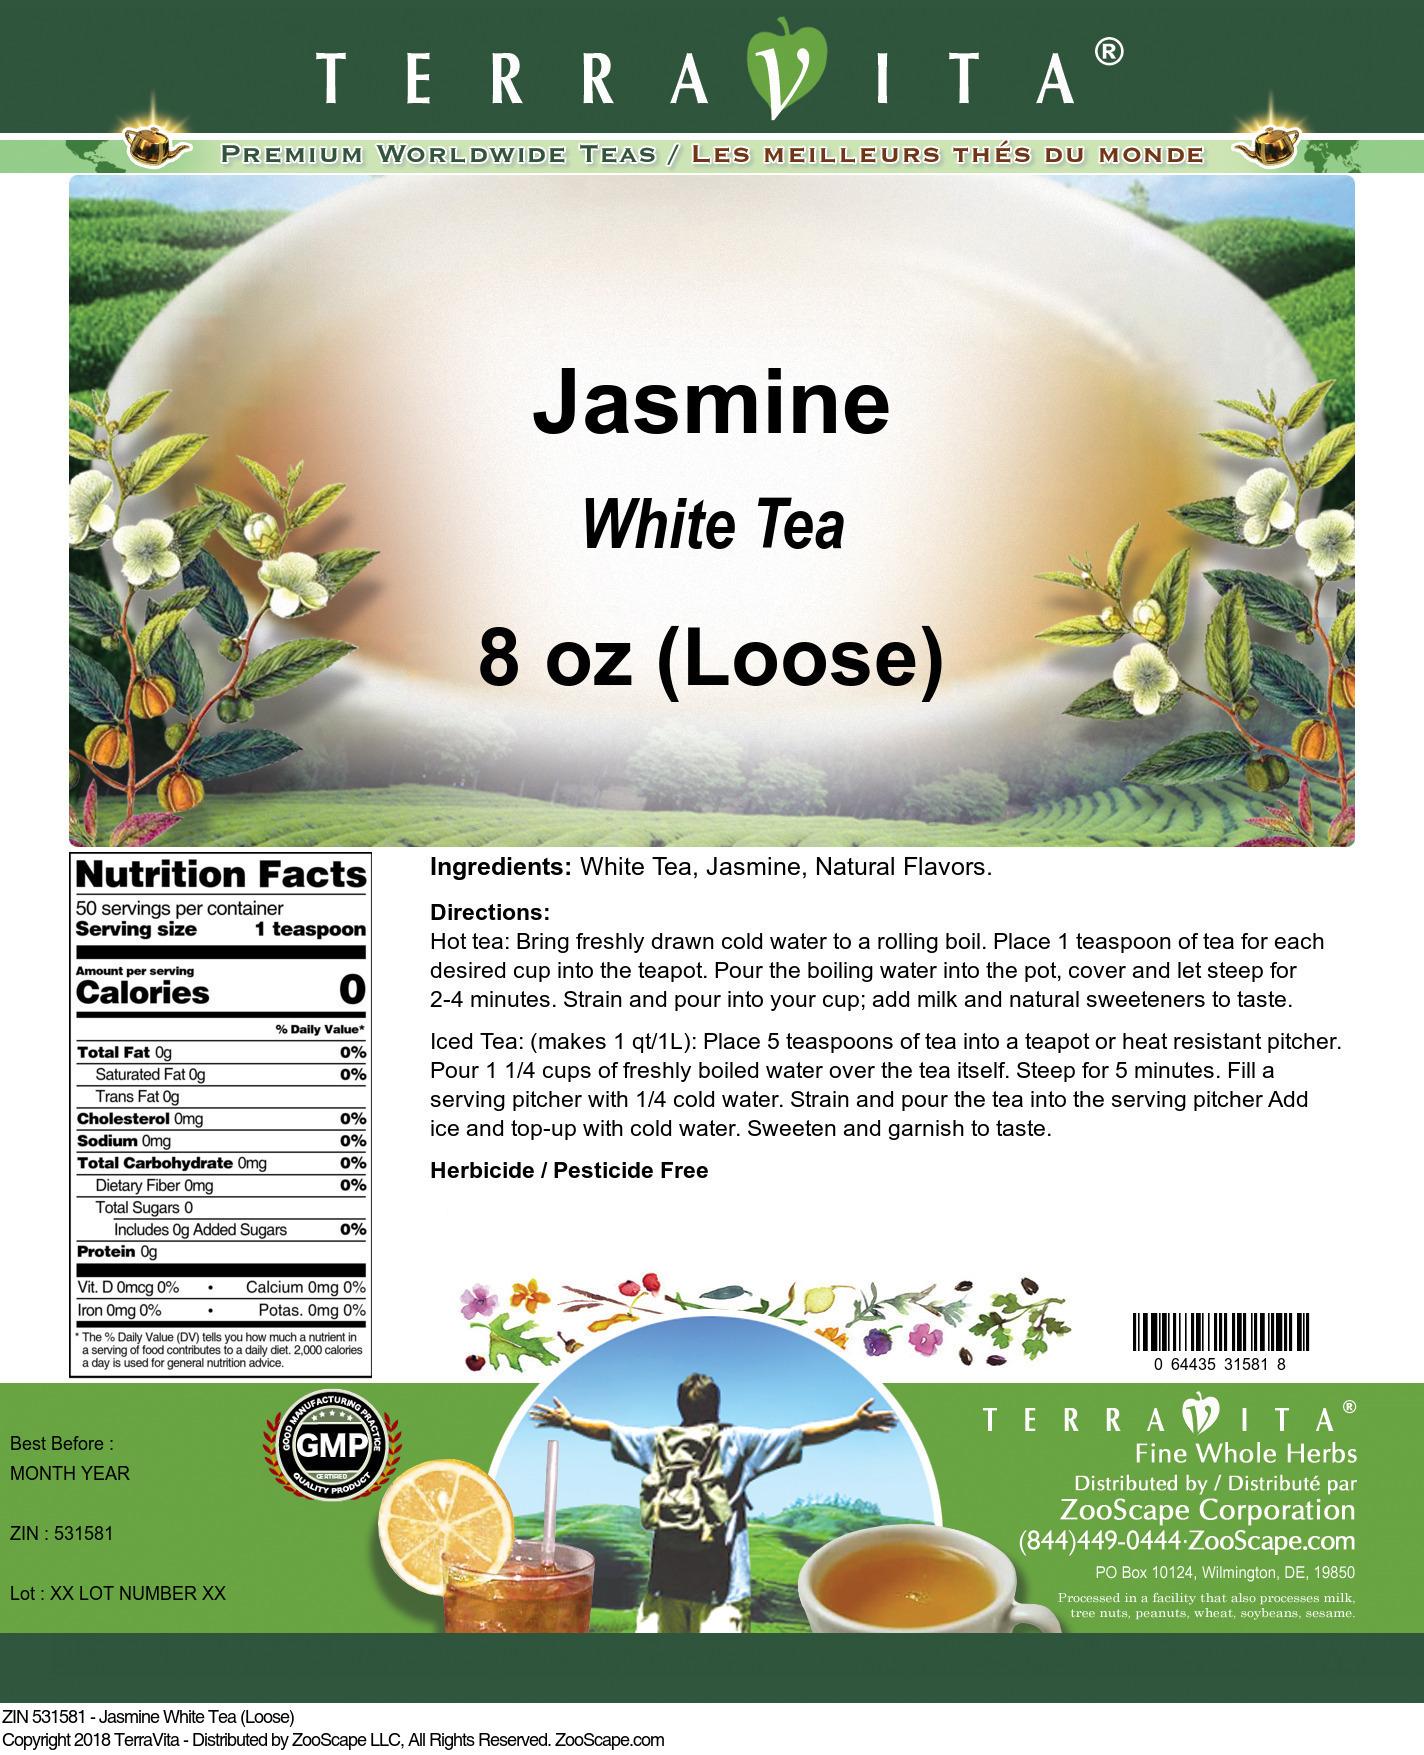 Jasmine White Tea (Loose)